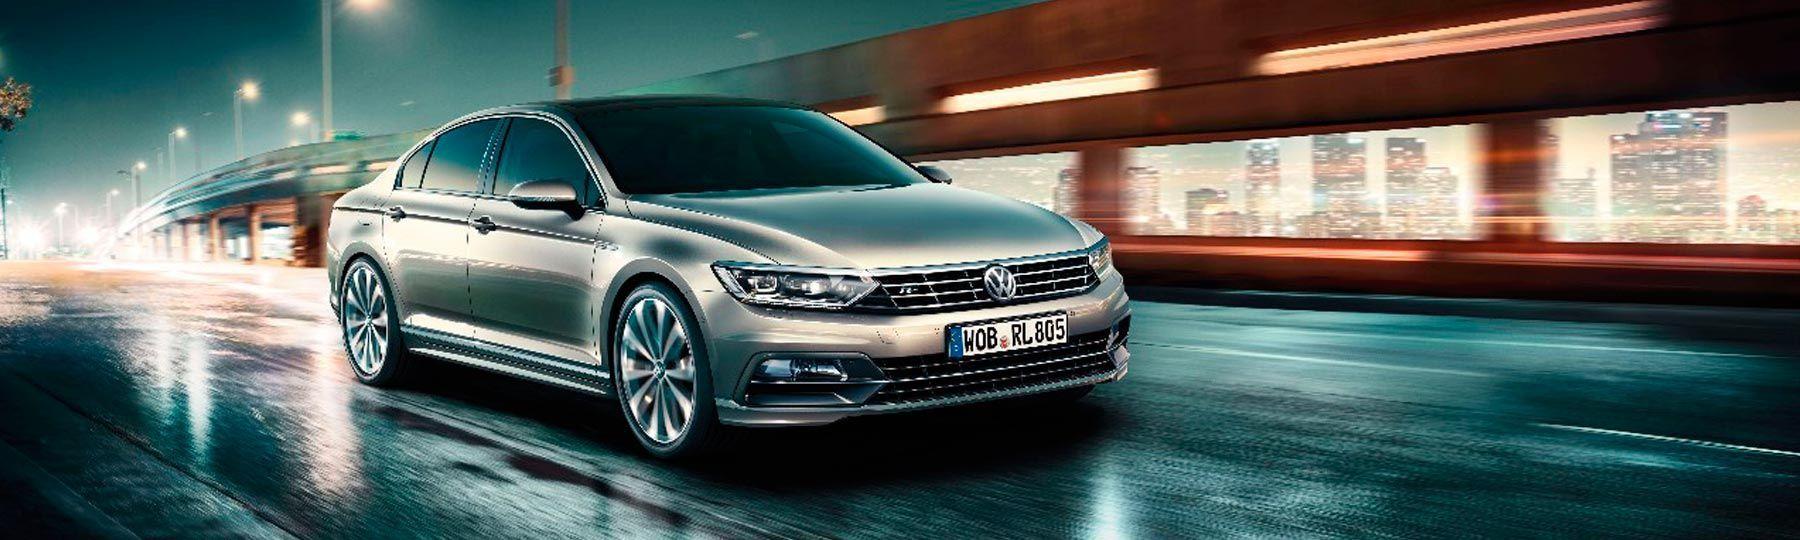 AVISA, Concesionario Oficial Volkswagen en Sevilla